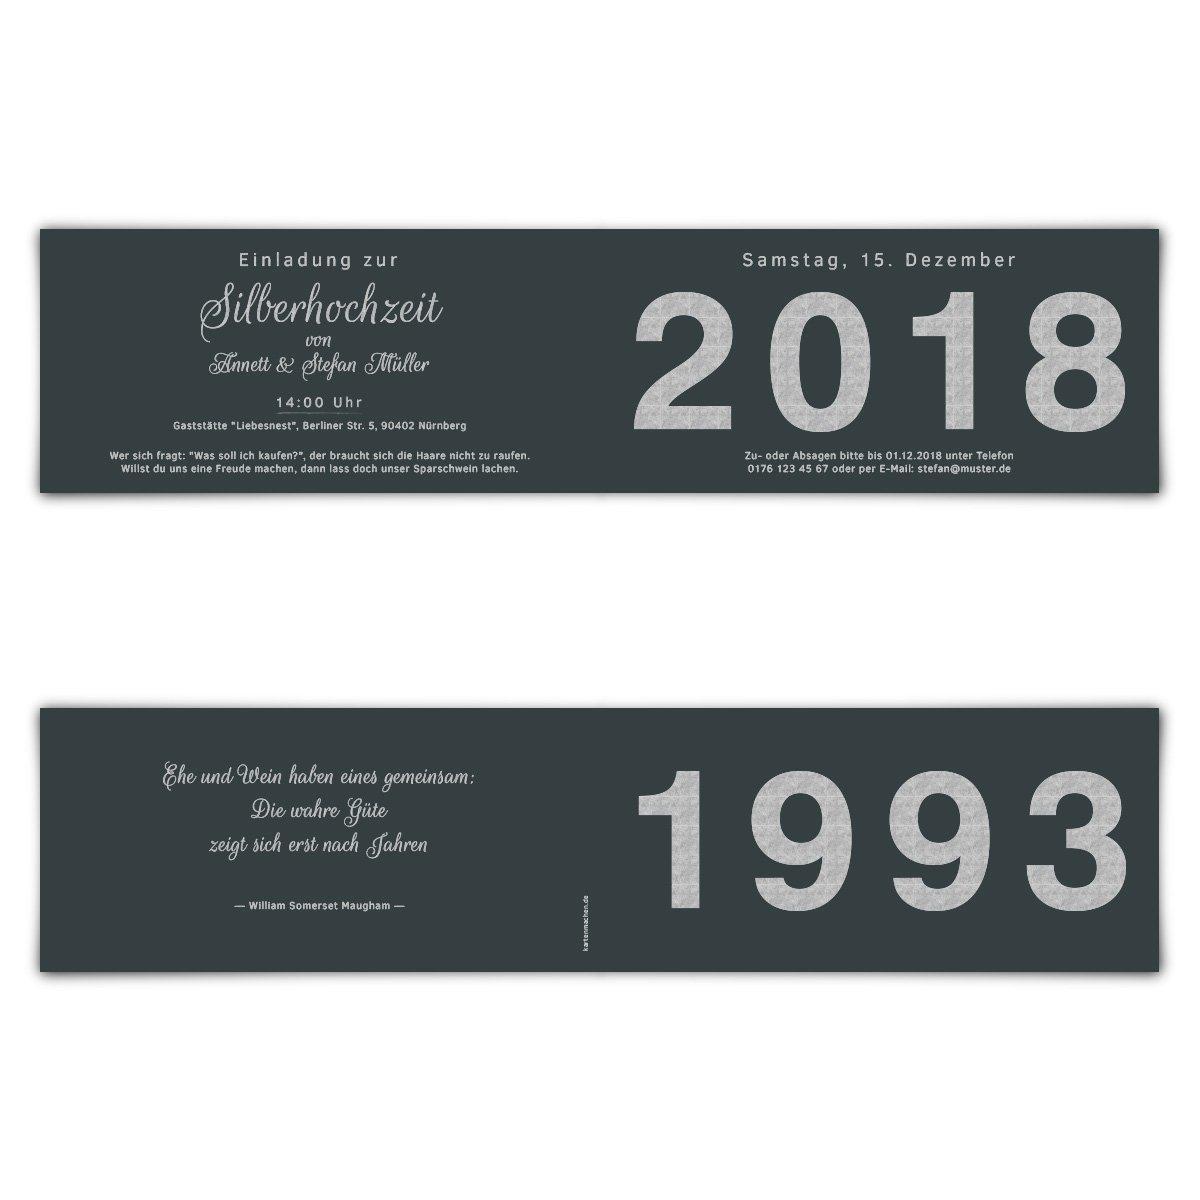 100 x Hochzeitseinladungen Silberhochzeit silberne Hochzeit Hochzeit Hochzeit Einladung - Jahrzehnt Sprung B07G2HZ7Z6 | Niedriger Preis und gute Qualität  | Reichhaltiges Design  | Wirtschaftlich und praktisch  1bd793